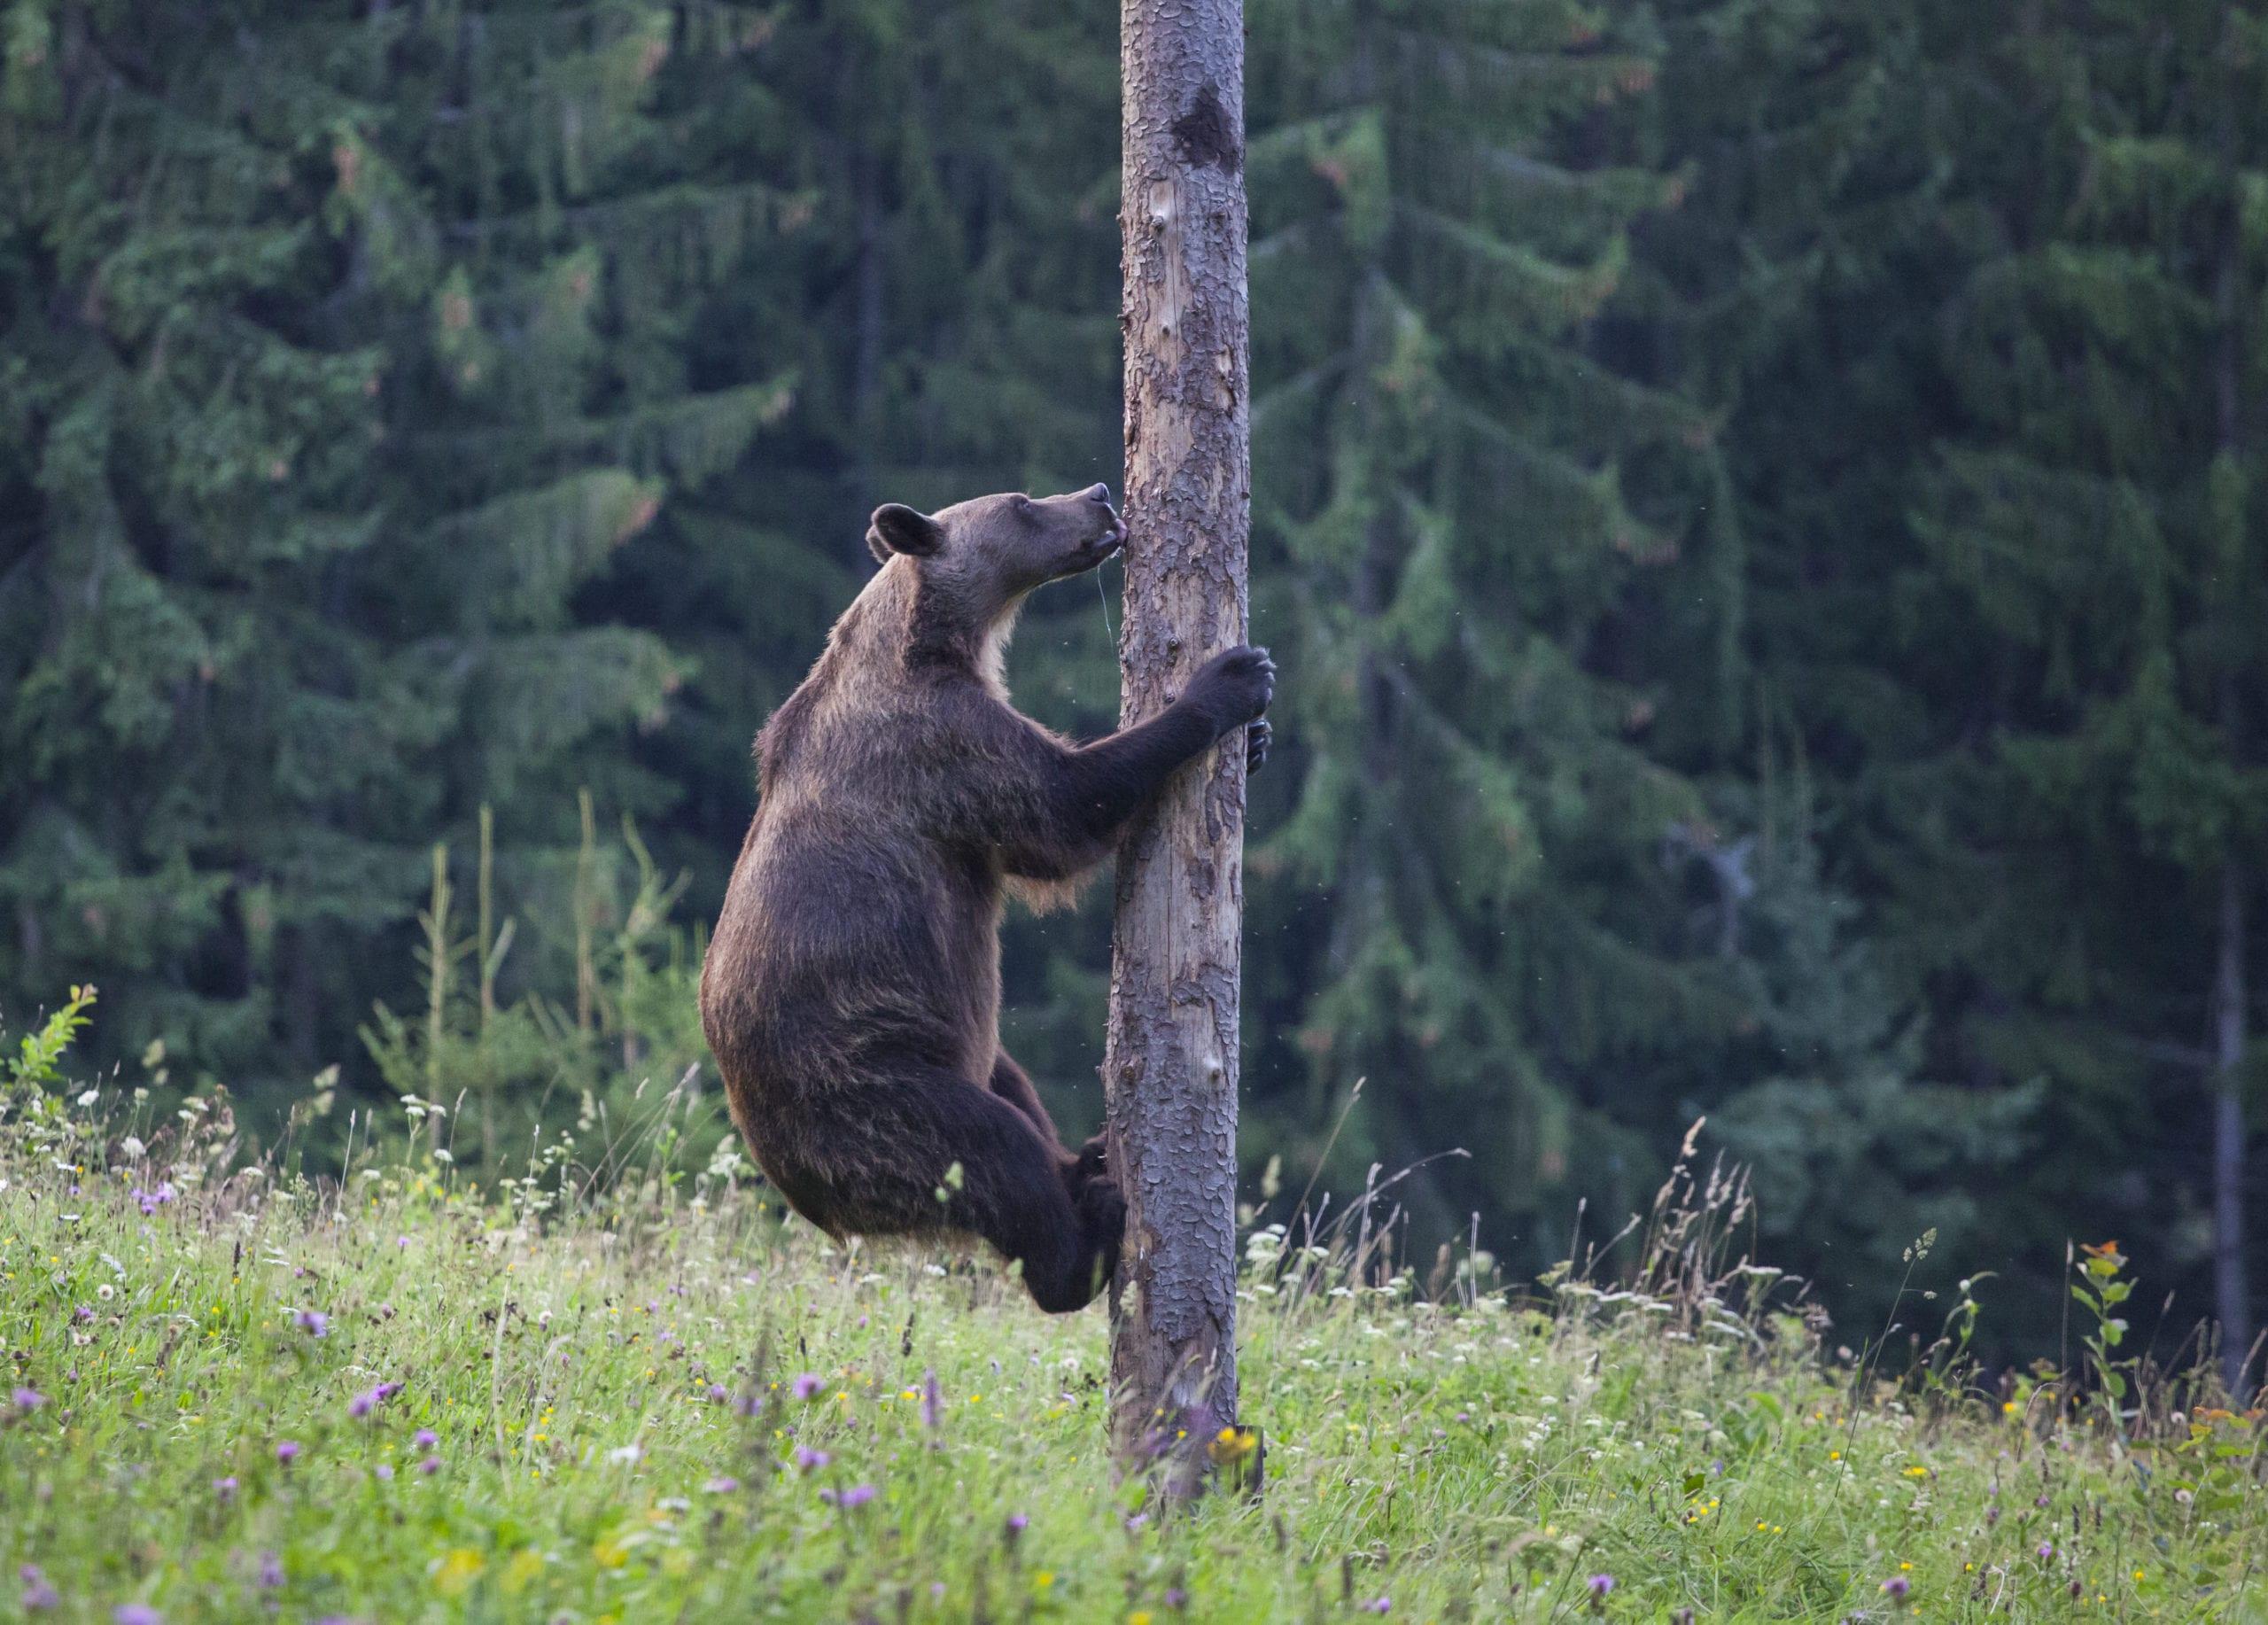 Brauner Contentbär klettert auf Baum